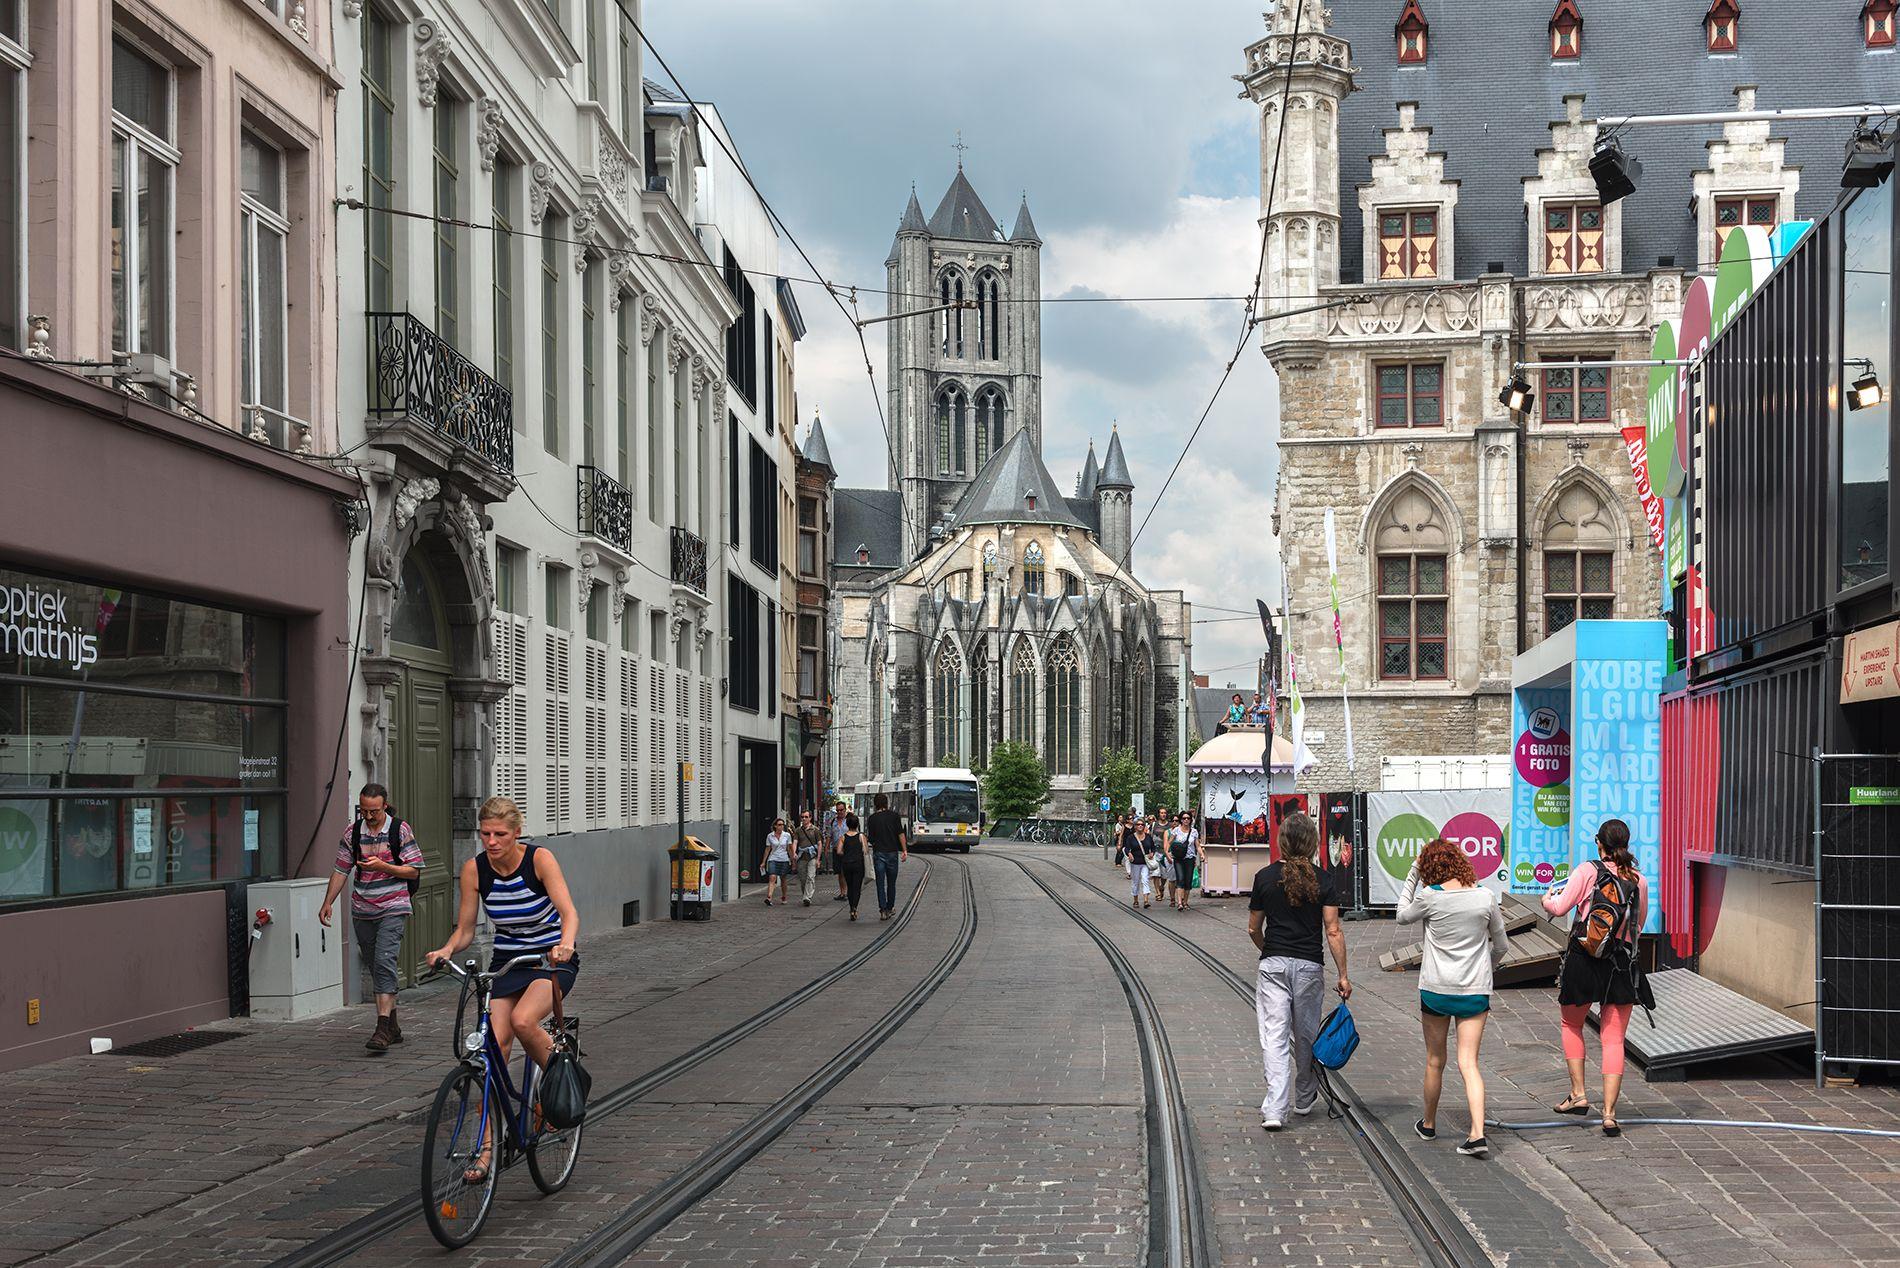 Gent  Gante (en neerlandés: Gent; en francés: Gand) es una ciudad de Bélgica, la capital de la provincia de Flandes Oriental en la Región Flamenca. Está situada en la confluencia del río Lys (Leie en neerlandés) con el Escalda. Etimológicamente, el nombre Gante viene de la palabra celta 'ganda', que hace referencia a la convergencia, por ejemplo, de los dos ríos entre los que esta ciudad se encuentra.